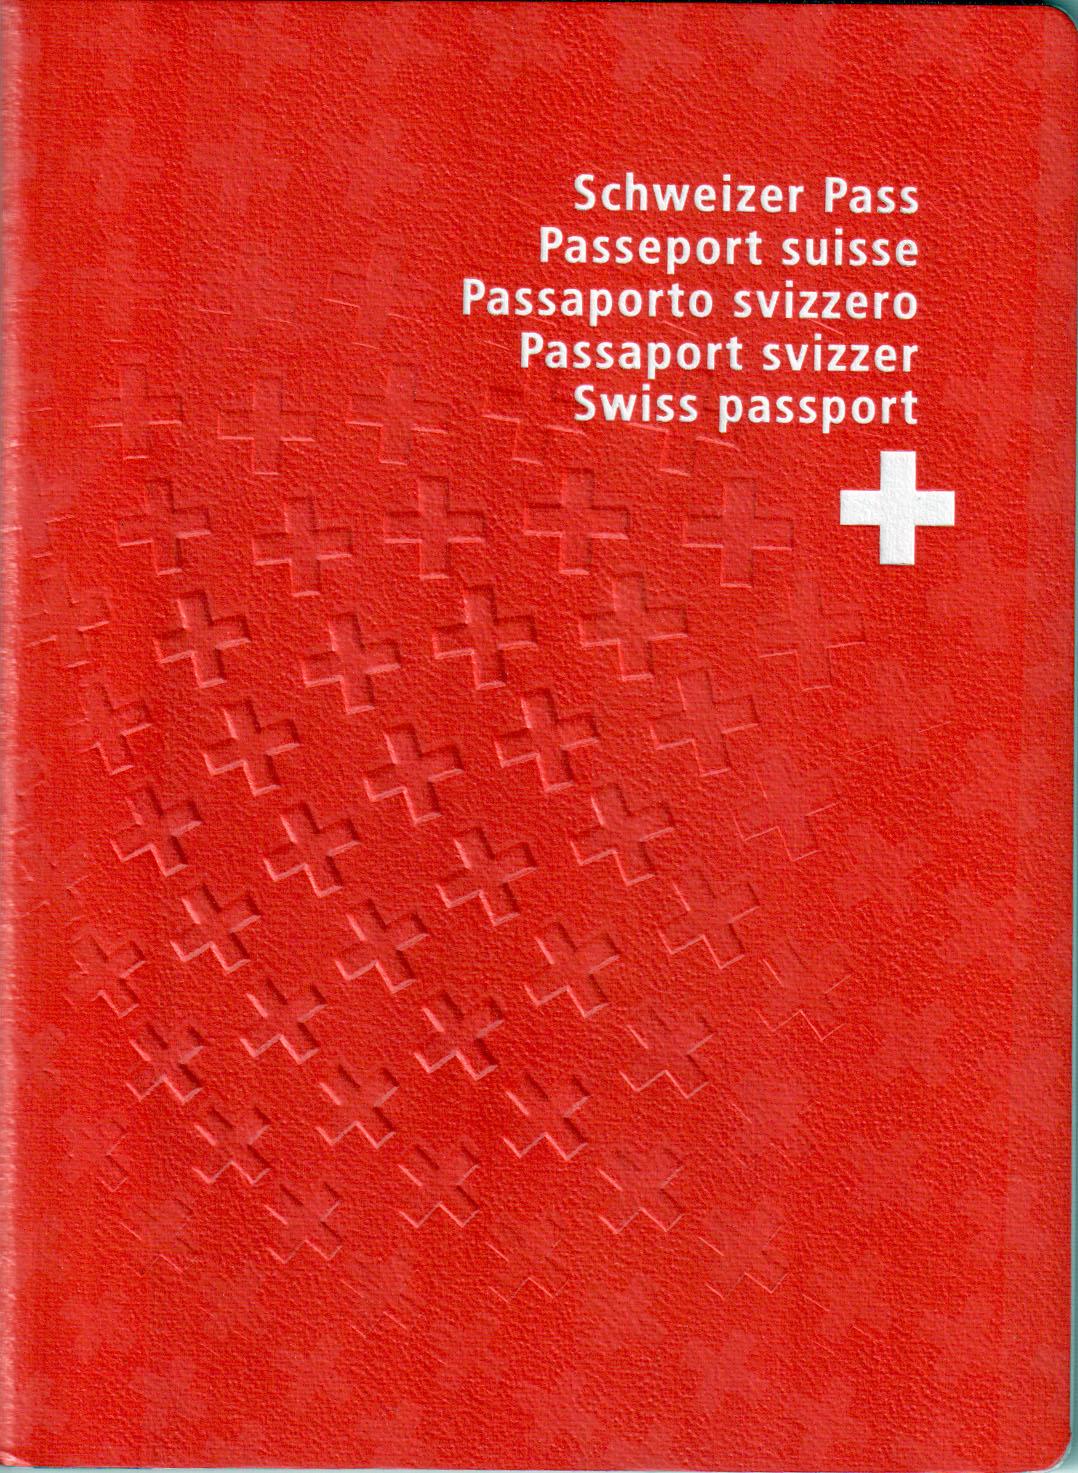 Passaporto Biometrico Italiano Passaporto Non Biometrico